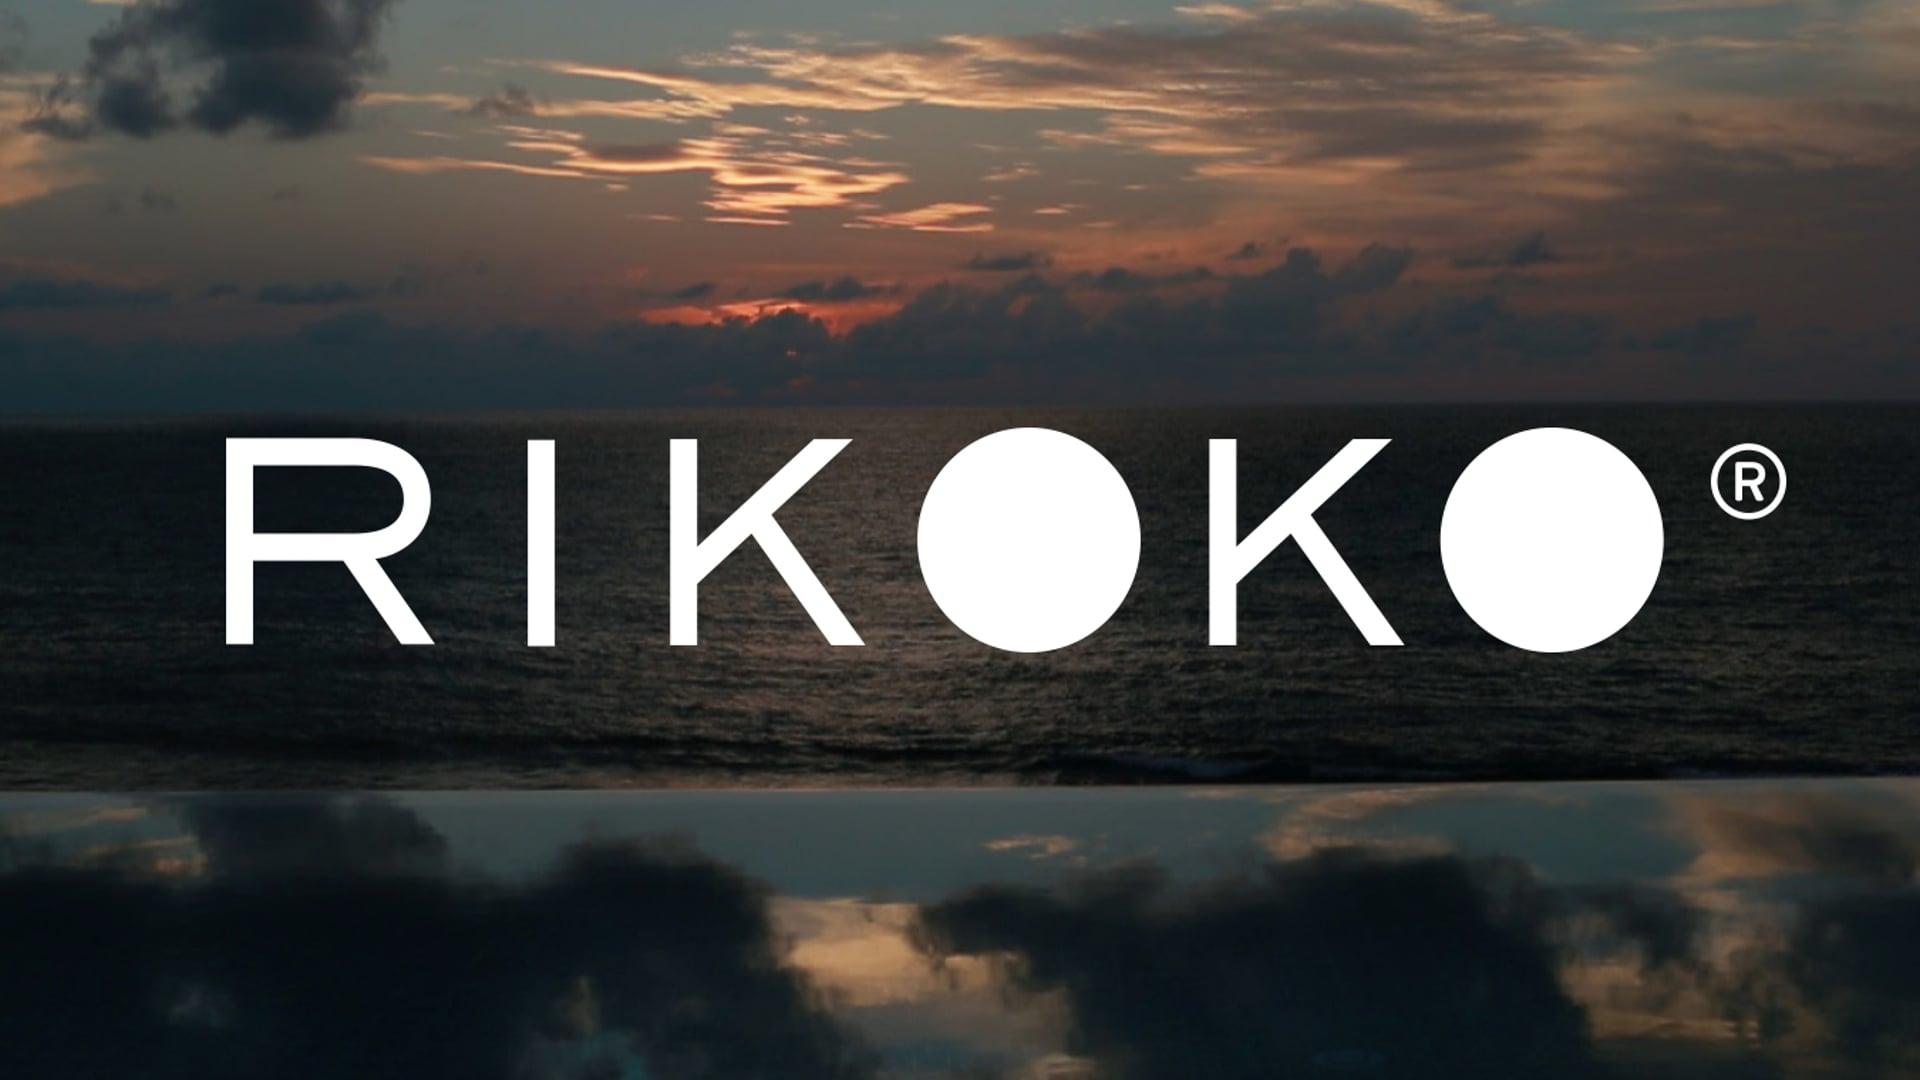 RIKOKO - BORN IN THE SEYCHELLES